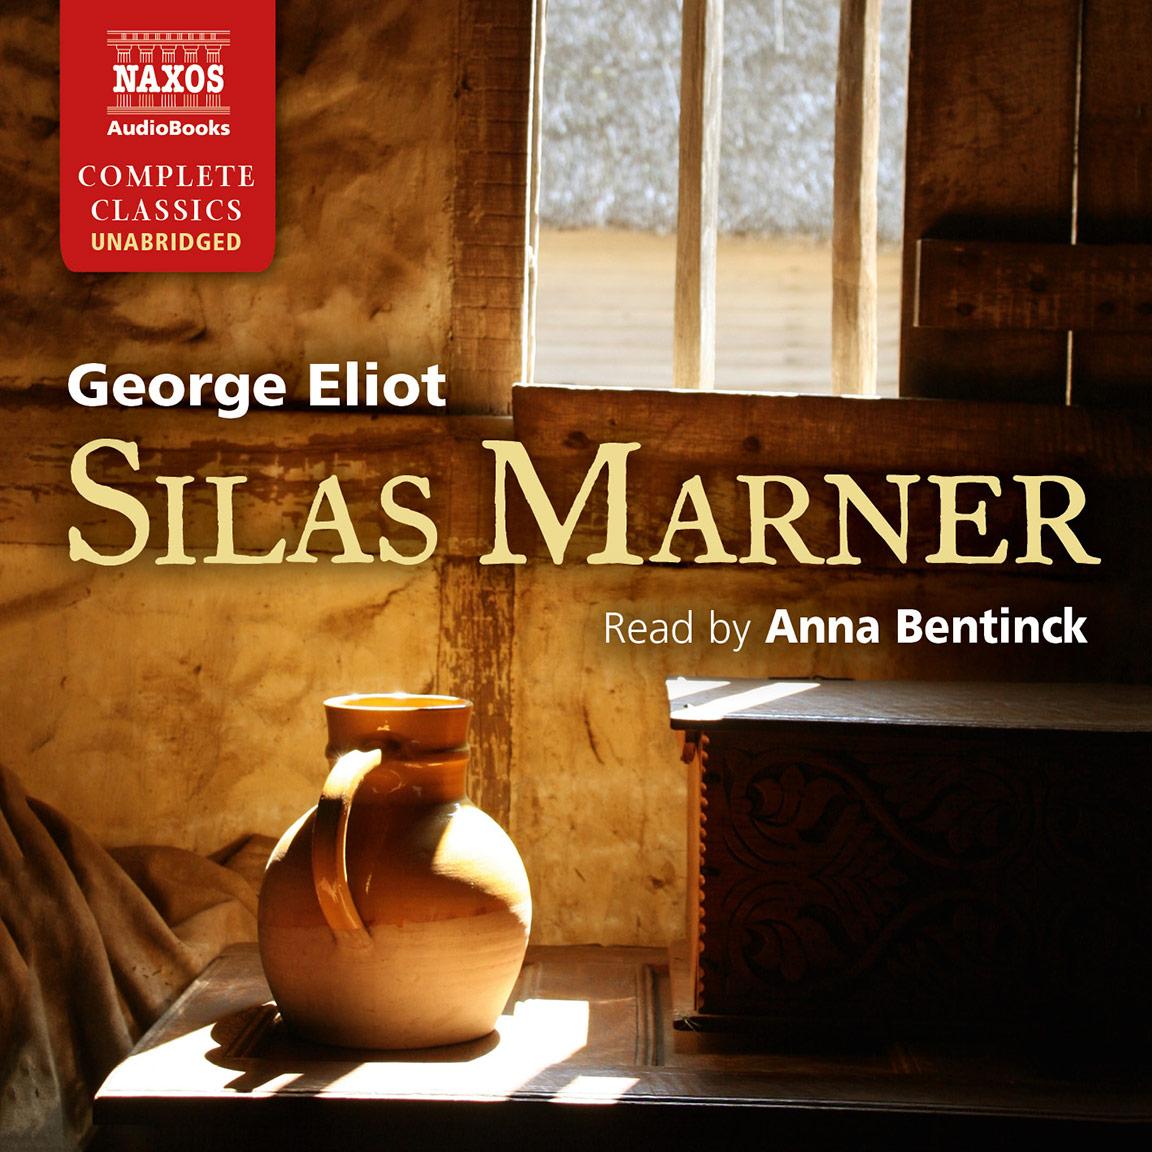 Silas Marner (unabridged)